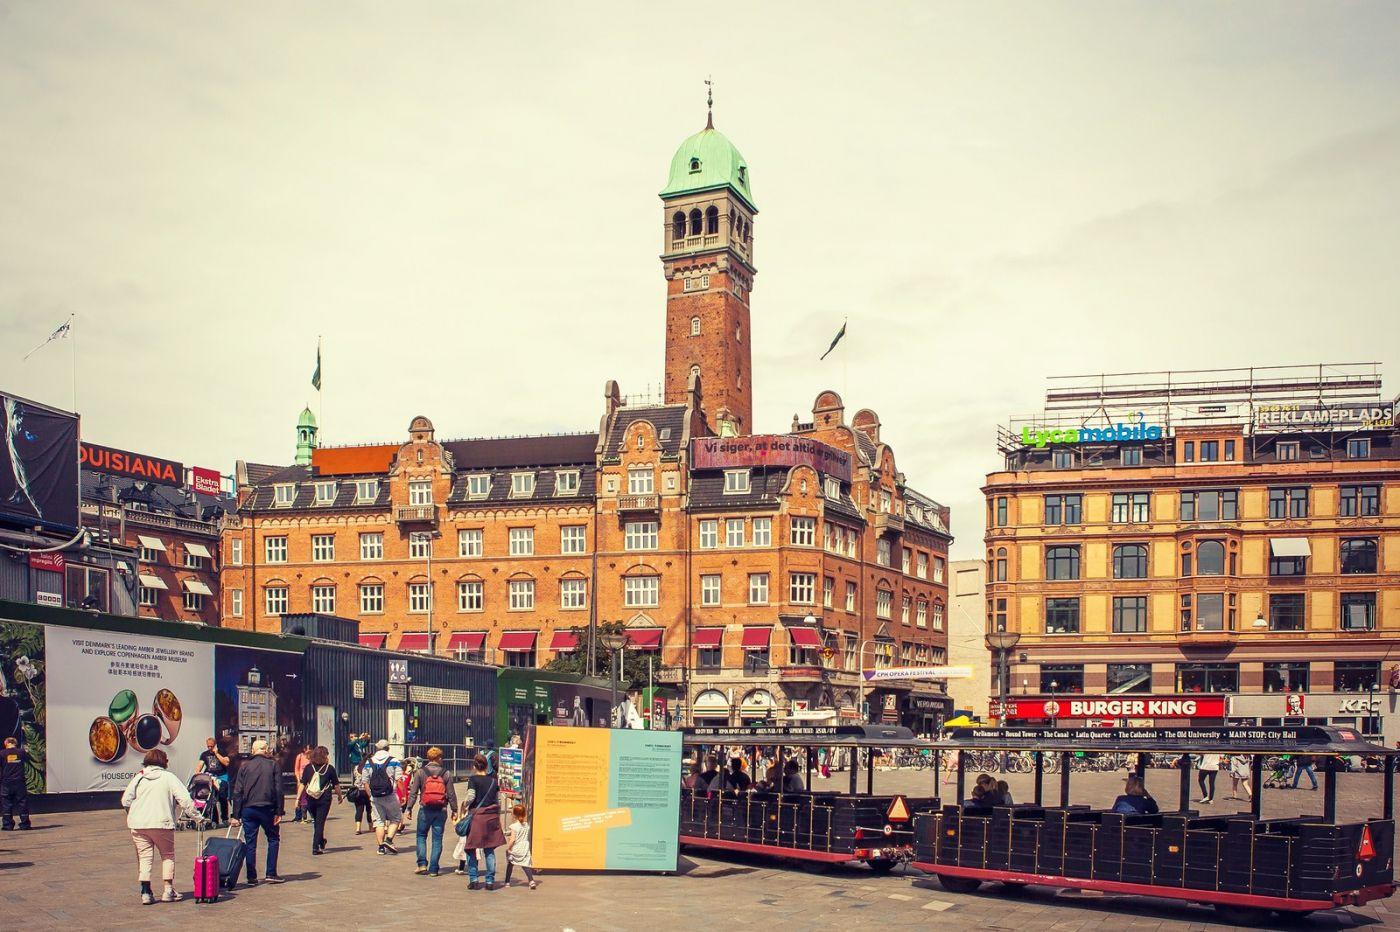 丹麦哥本哈根,新旧融合的城市_图1-20